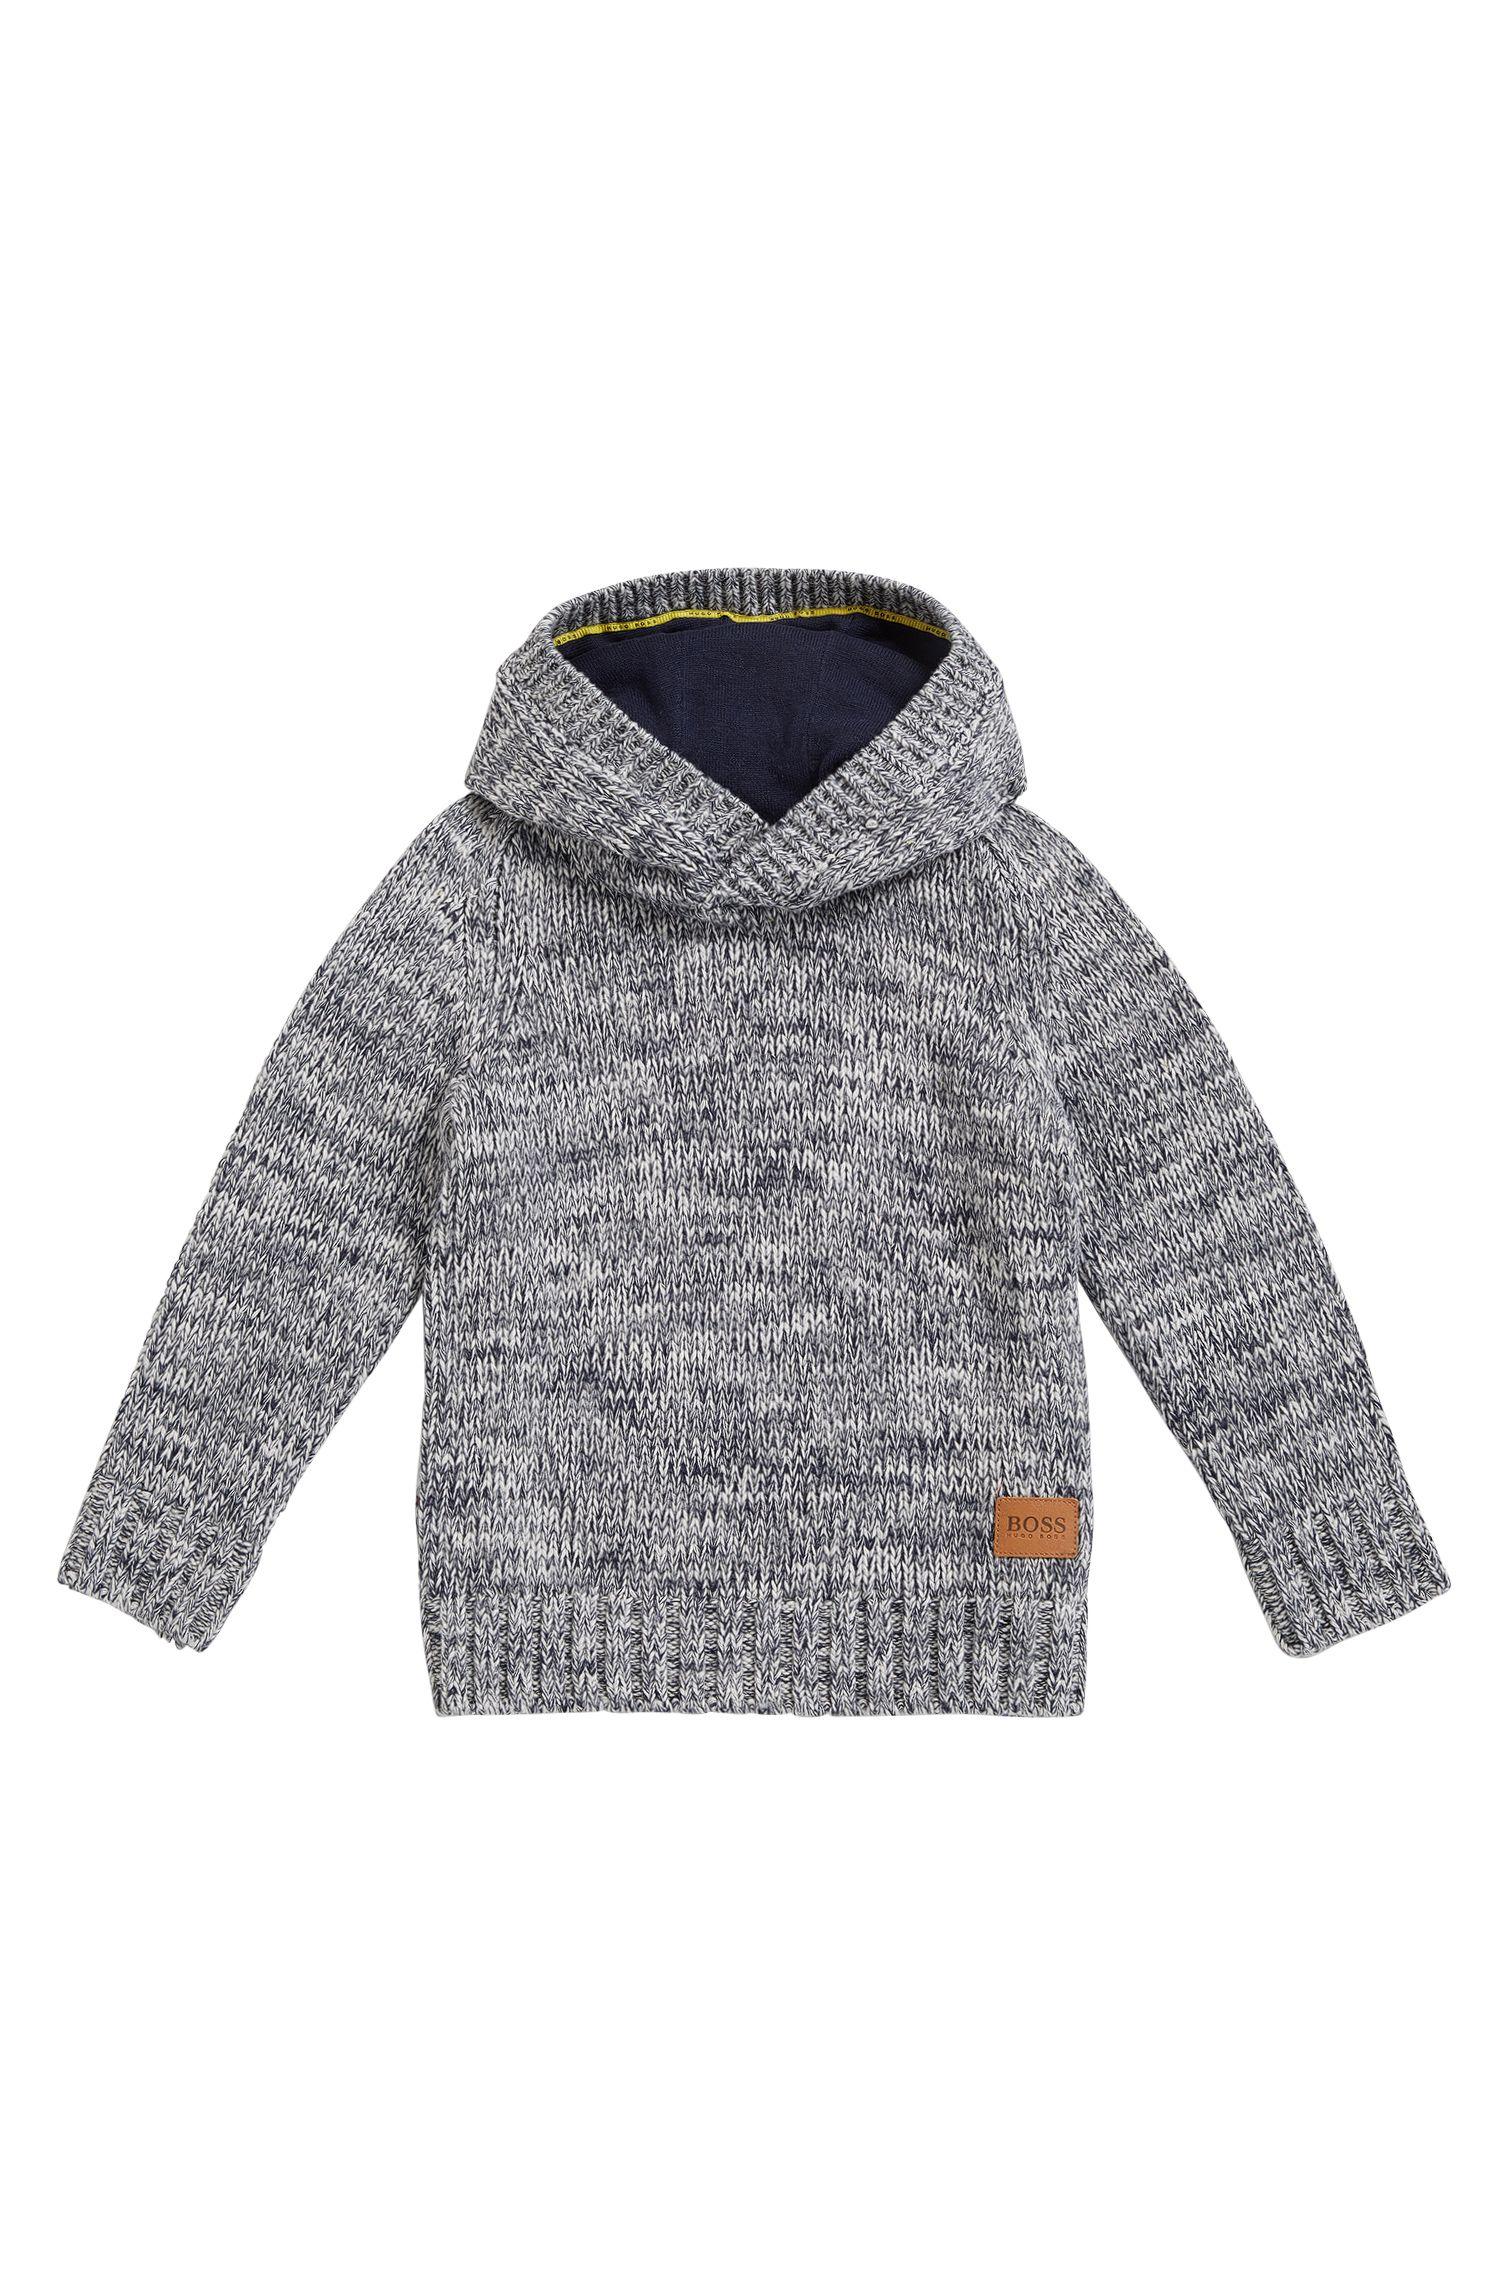 Pull à capuche pour enfant en coton peigné